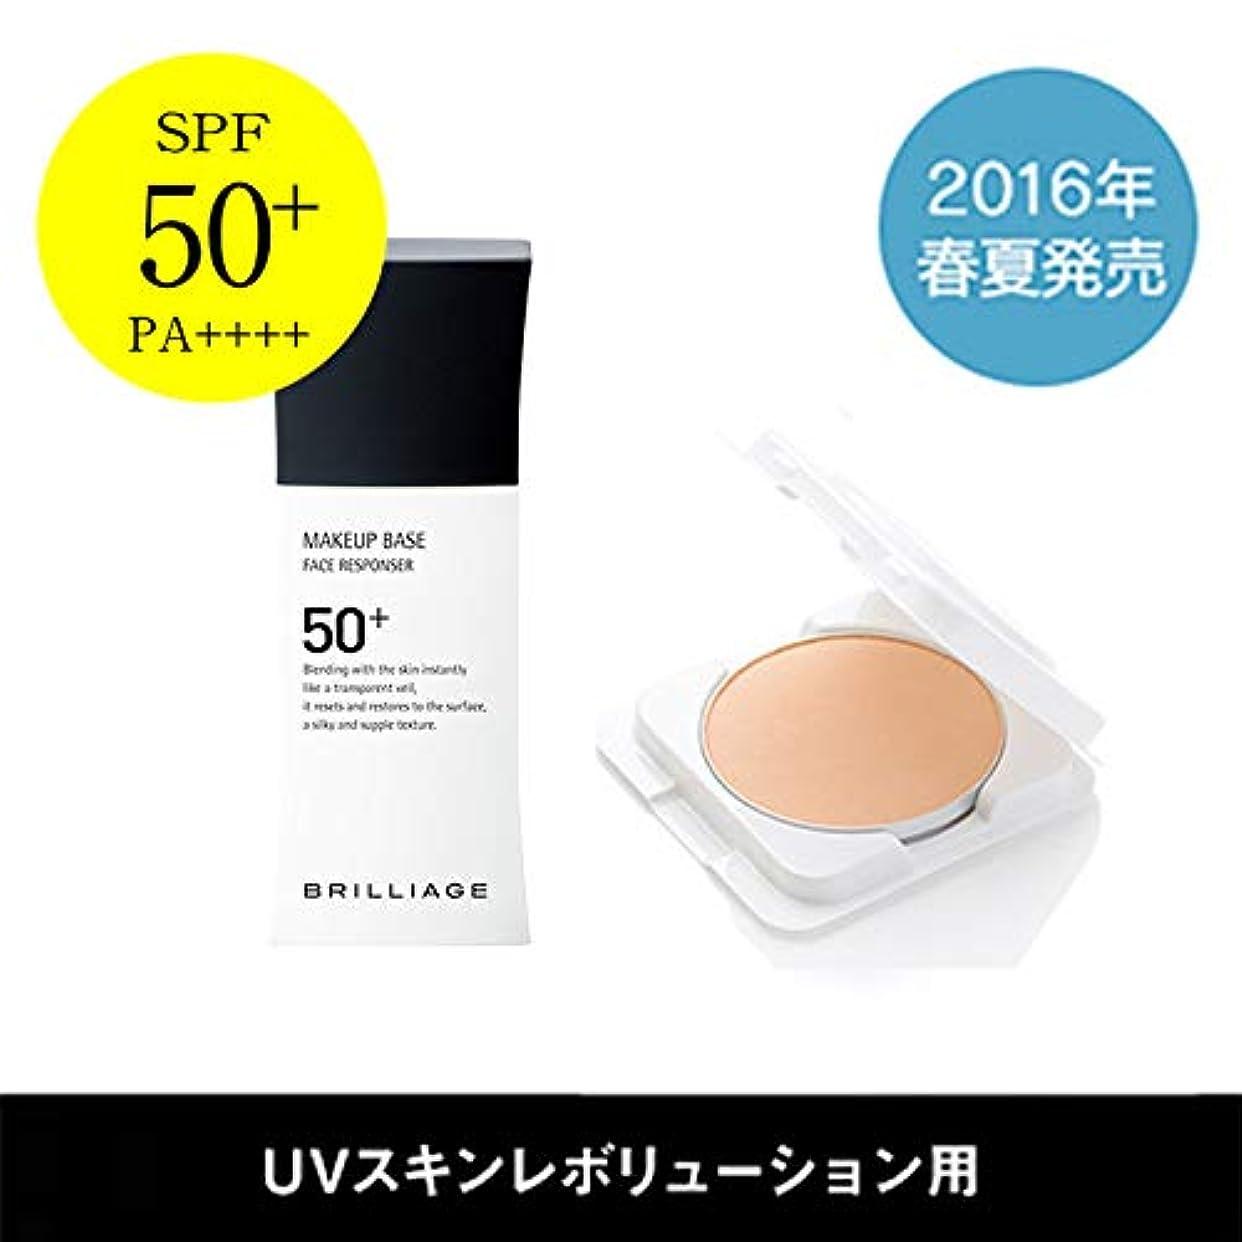 格納治療錫ブリリアージュ(BRILLIAGE) メイクアップベース プラス 33g + UVスキンレボリューション リフィル 化粧下地 ミディアムベージュ60 セット 63